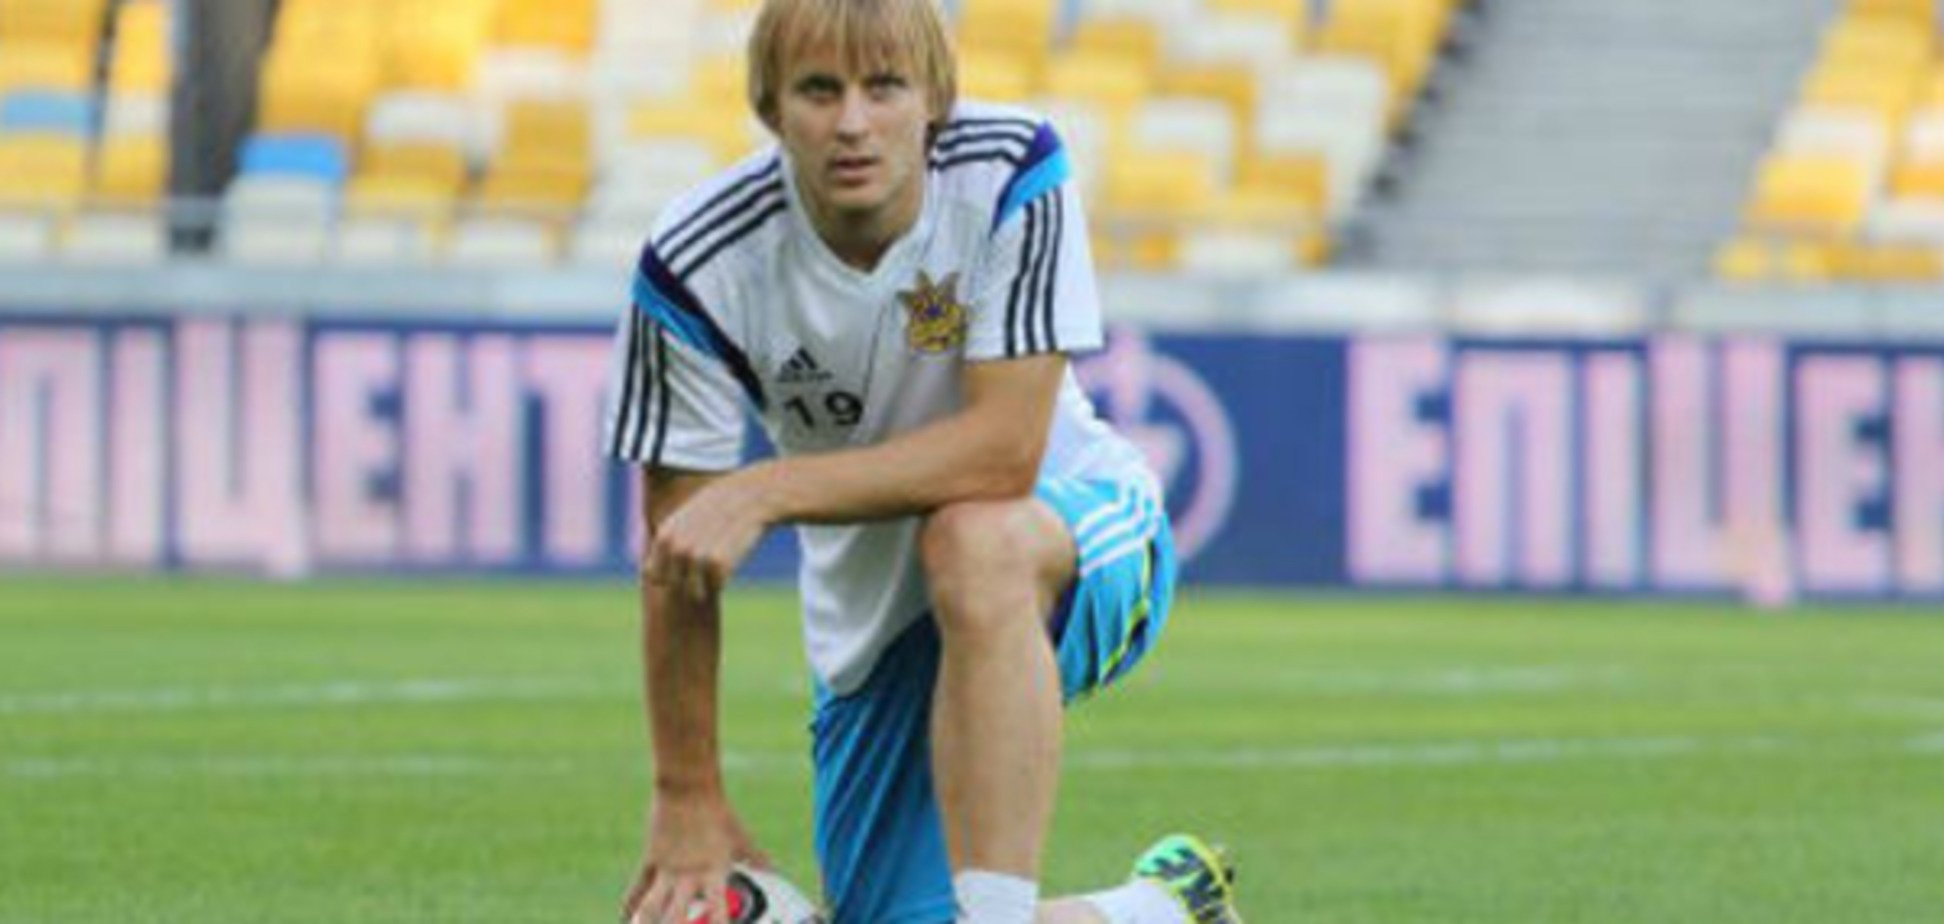 Півзахисник збірної України забив дебютний м'яч у Кубку Іспанії: відео голу